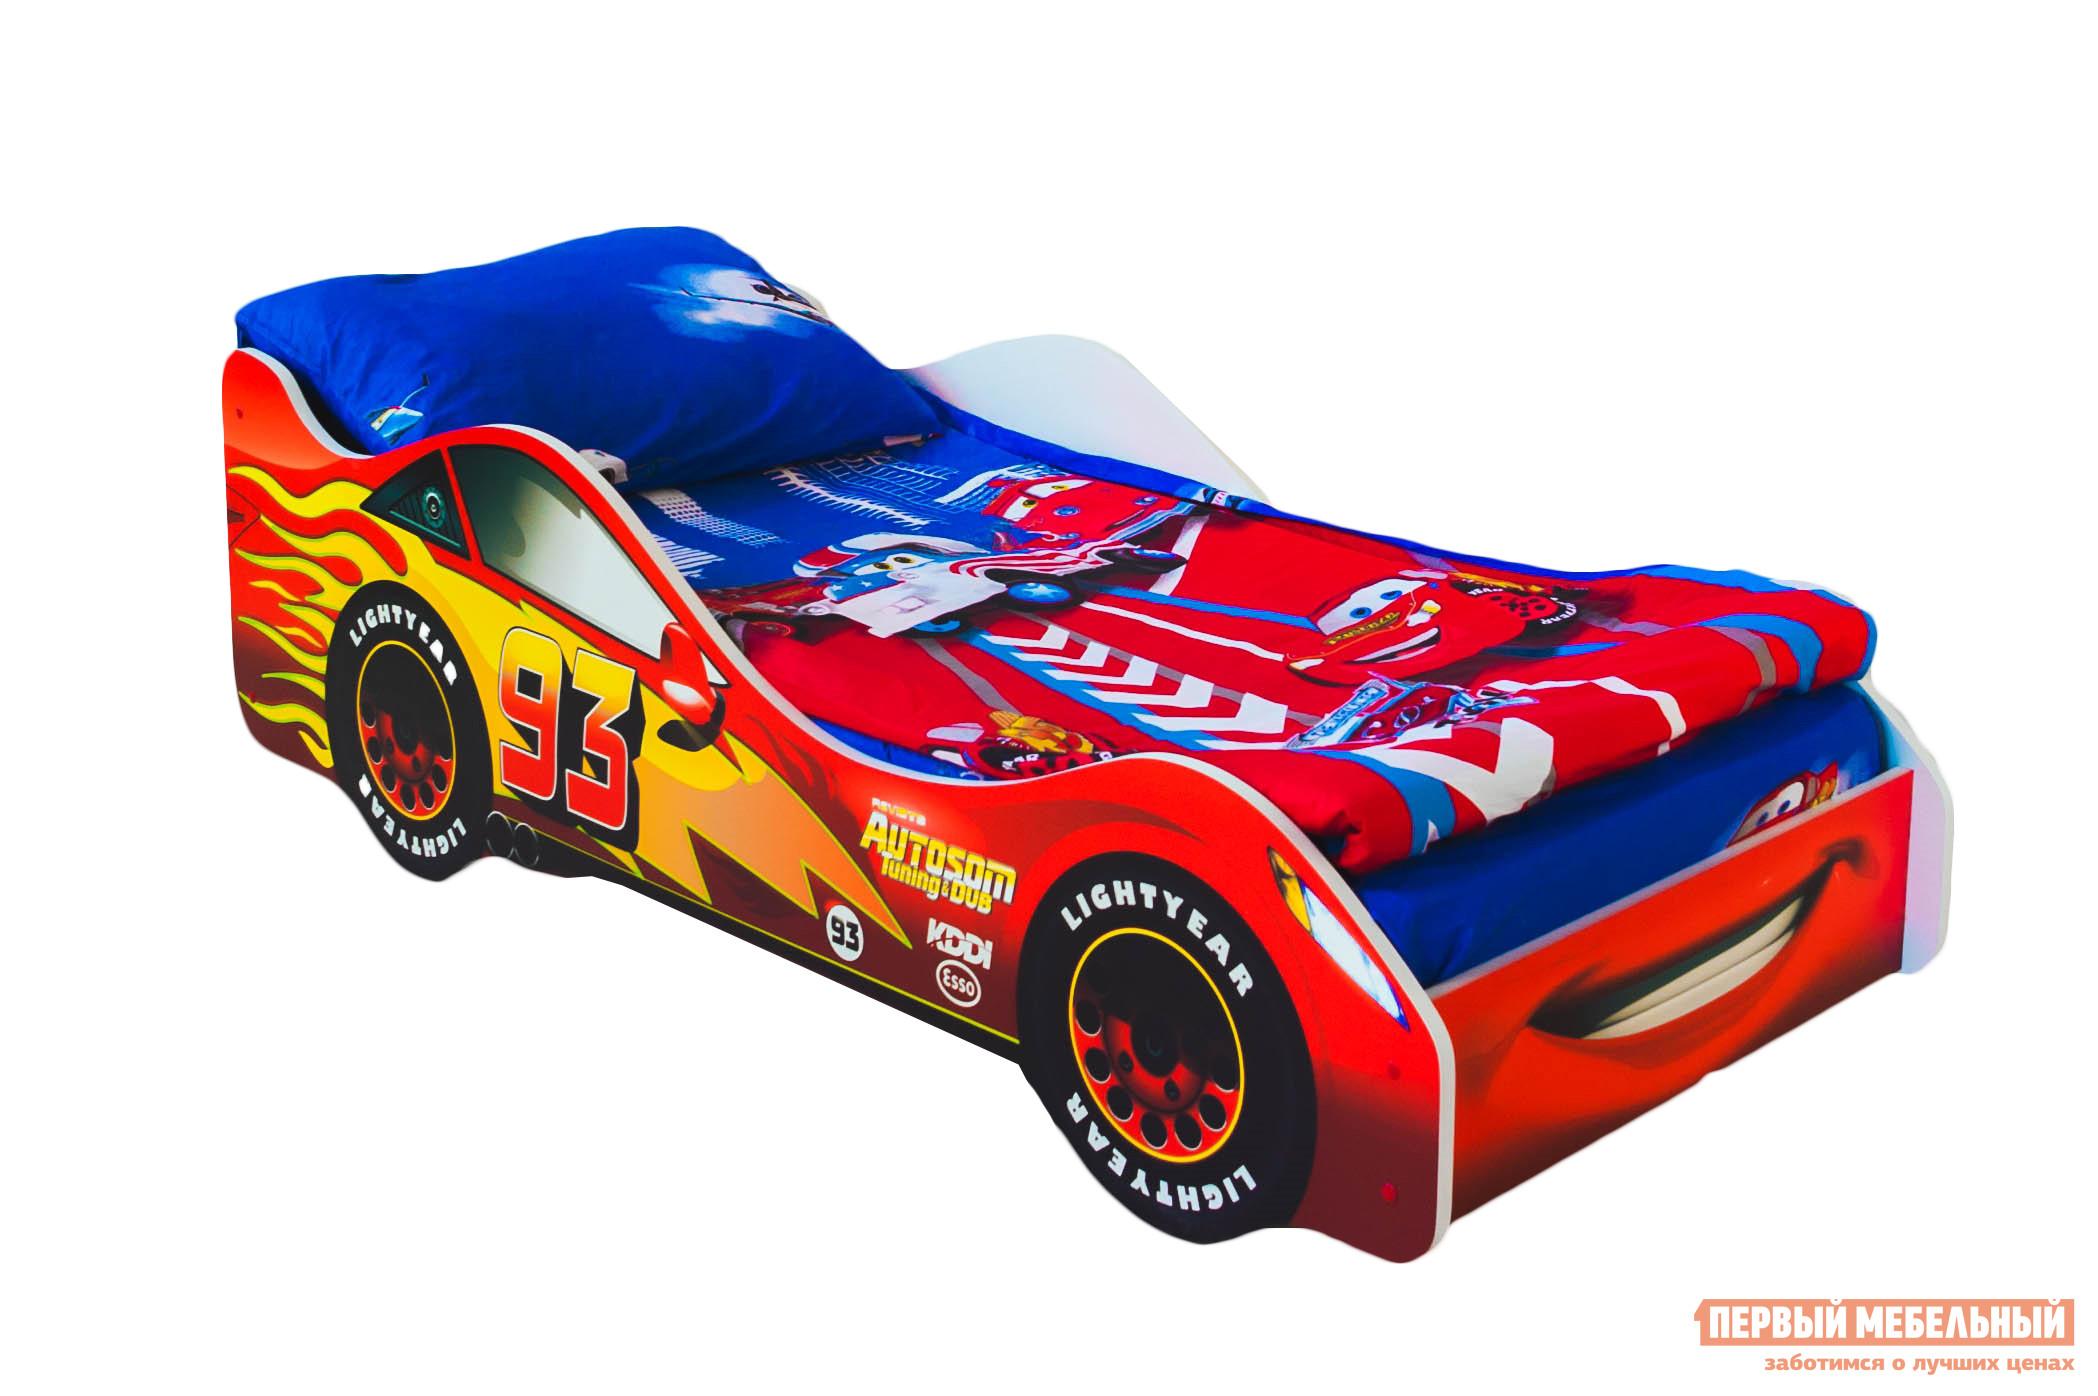 Детская кровать-машина для мальчика Бельмарко Тачка